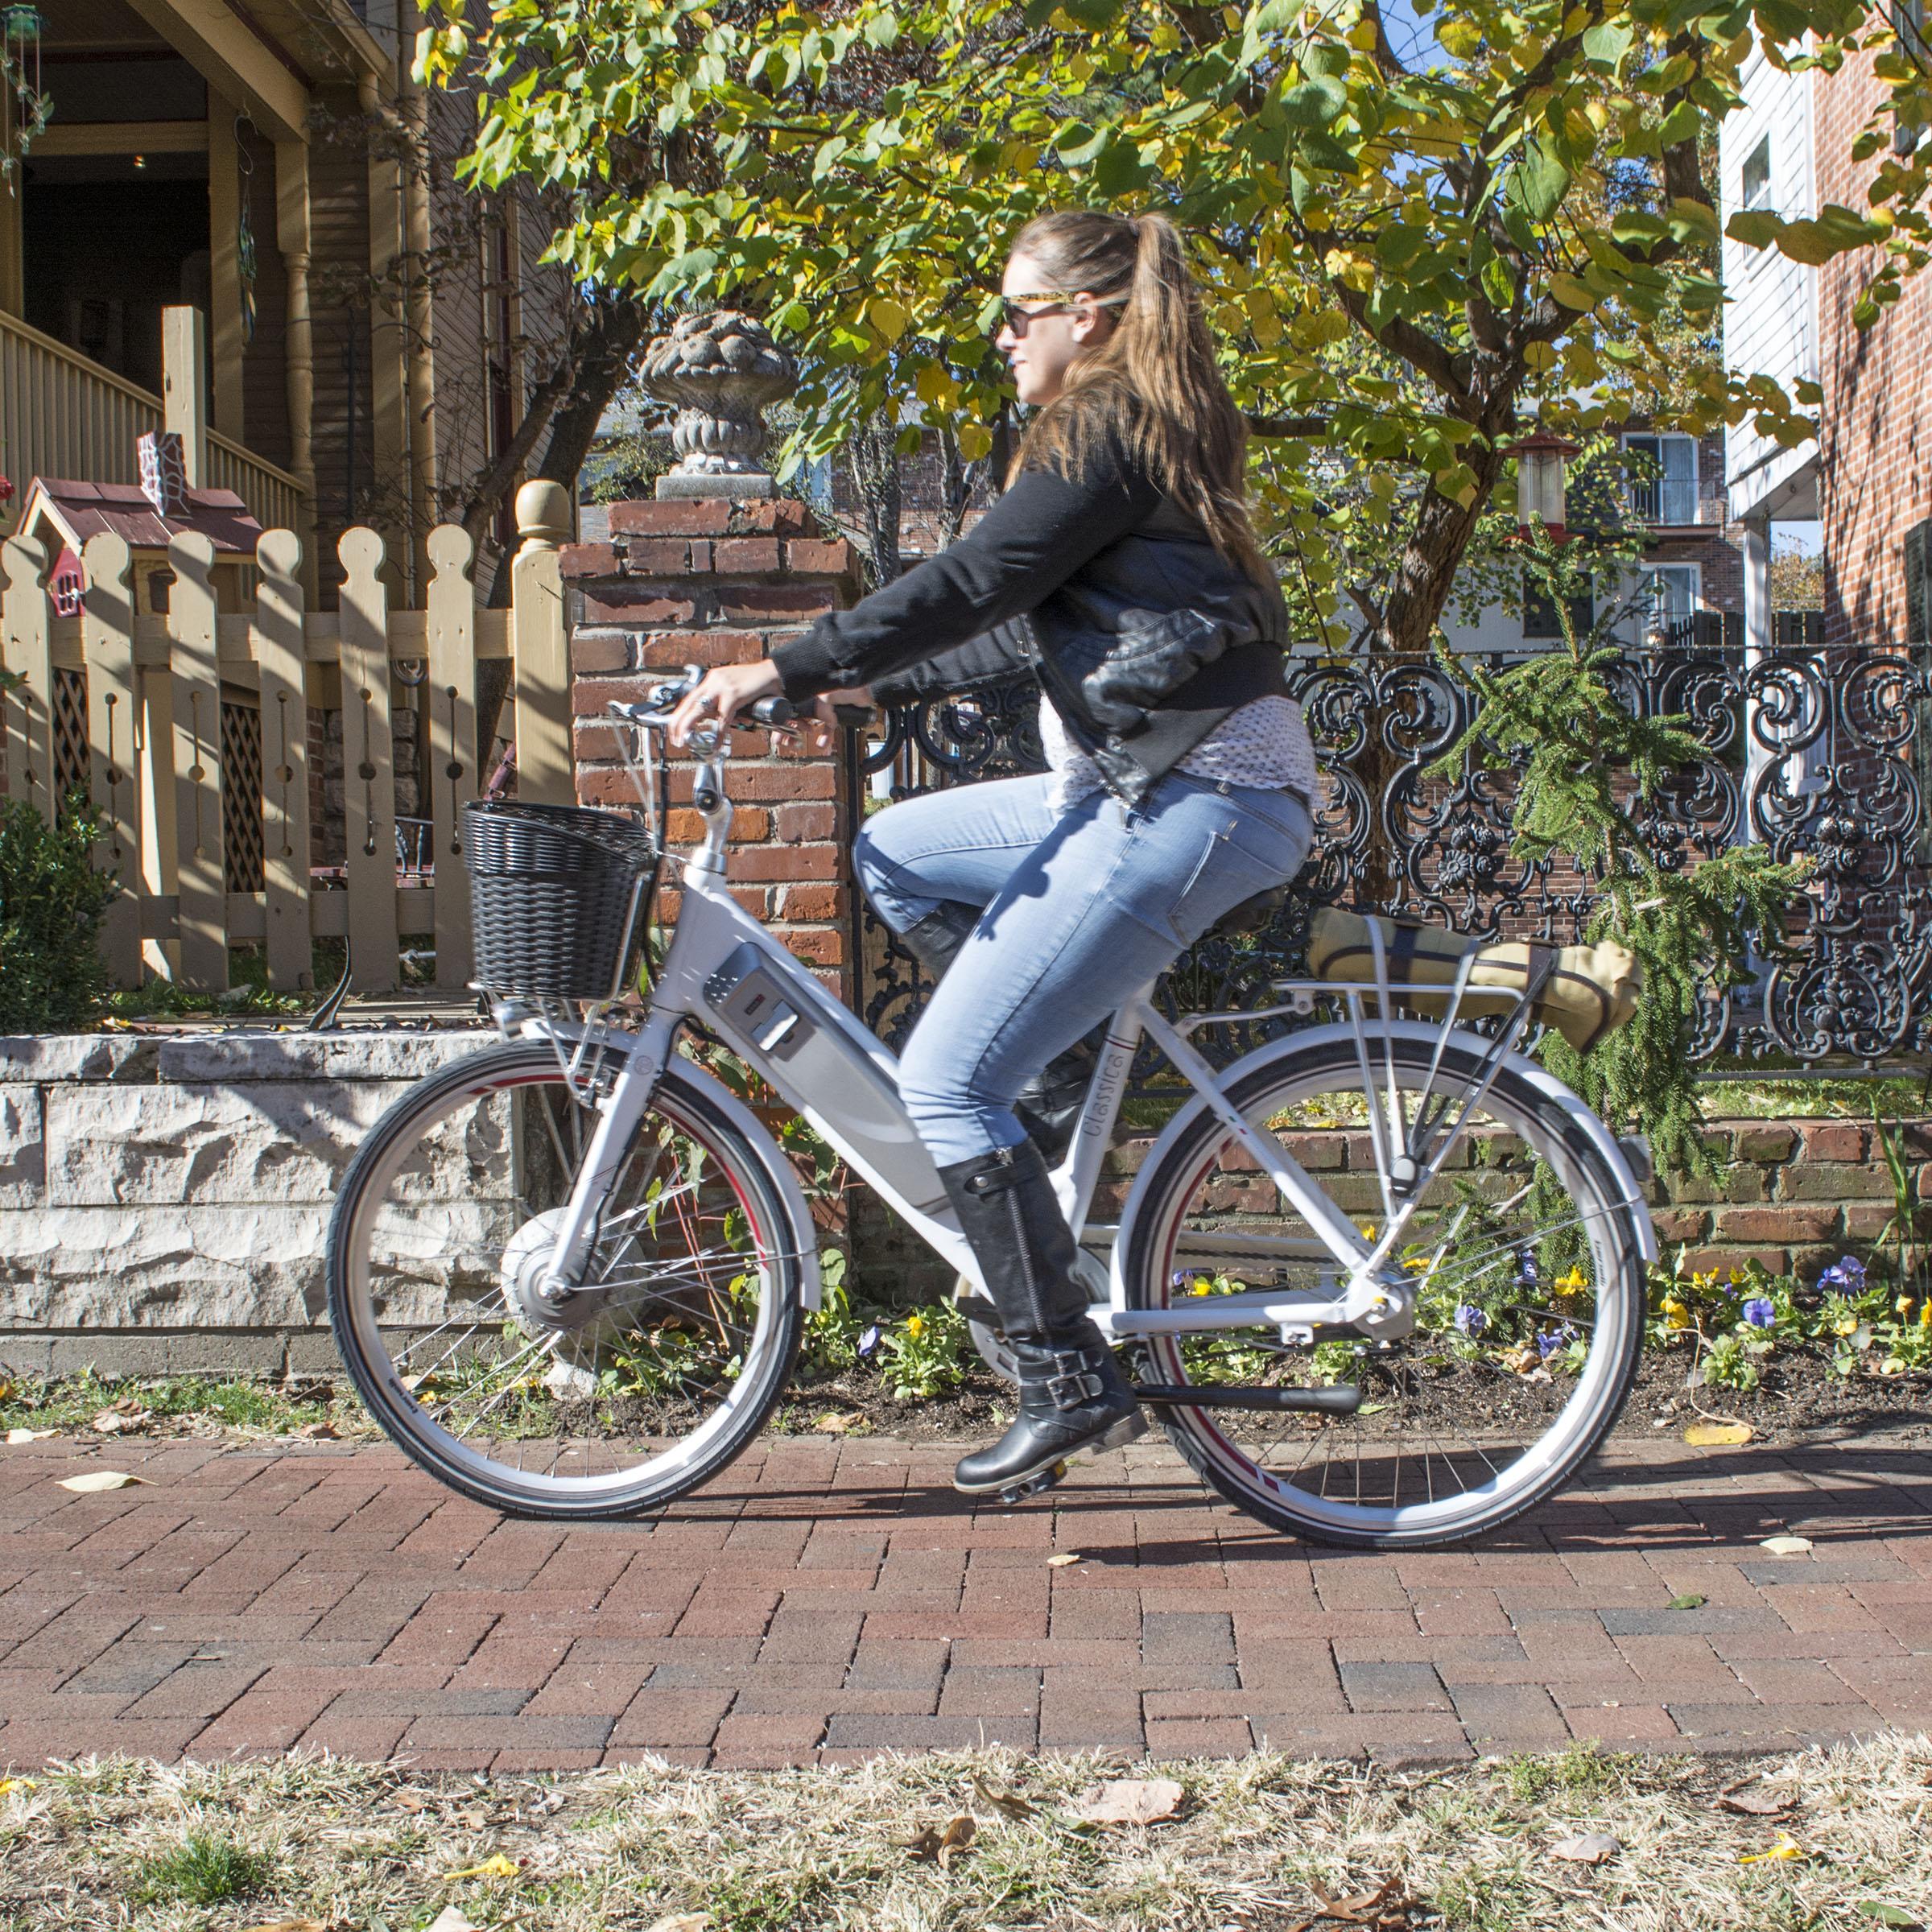 Benelli e bike Classica 28 Sale On Offer | MotoGB